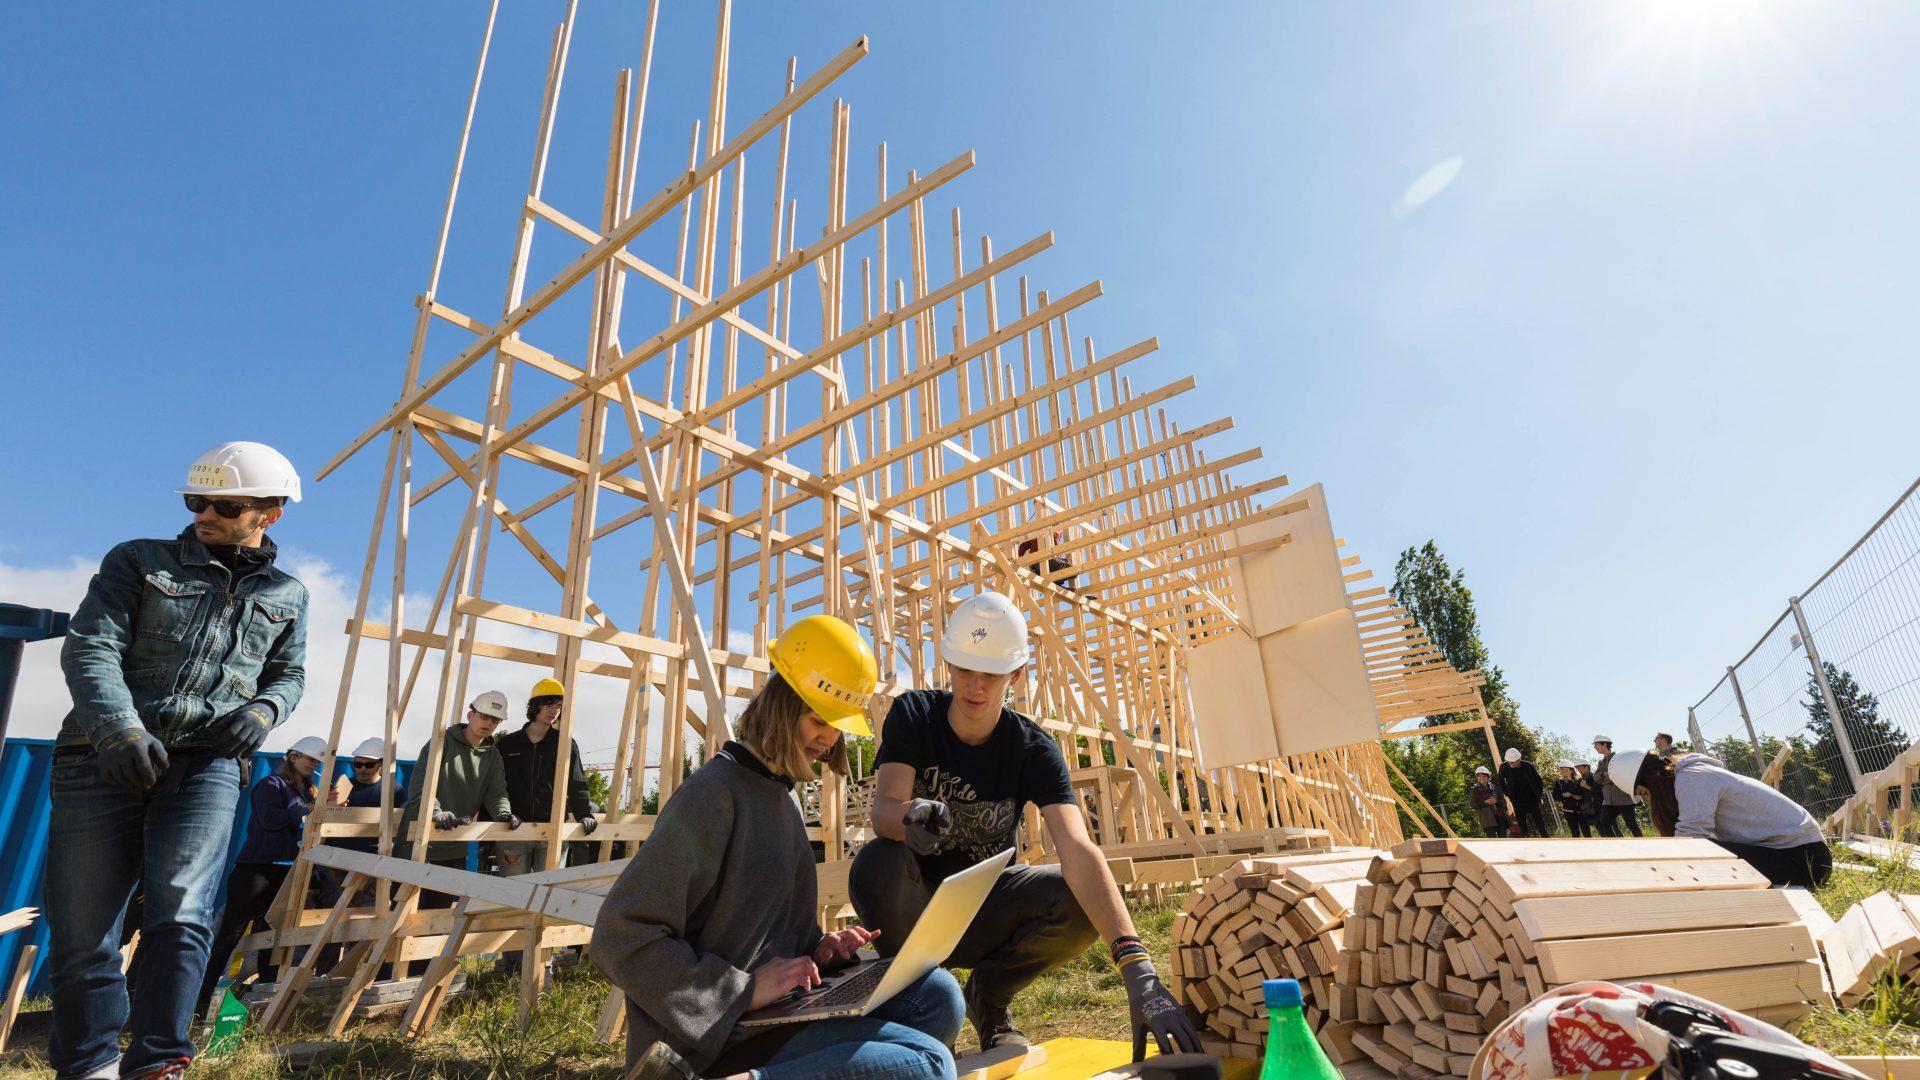 La construction House 2. Des étudiants en premier plan avec des casques de chantier, consultant un ordinateur